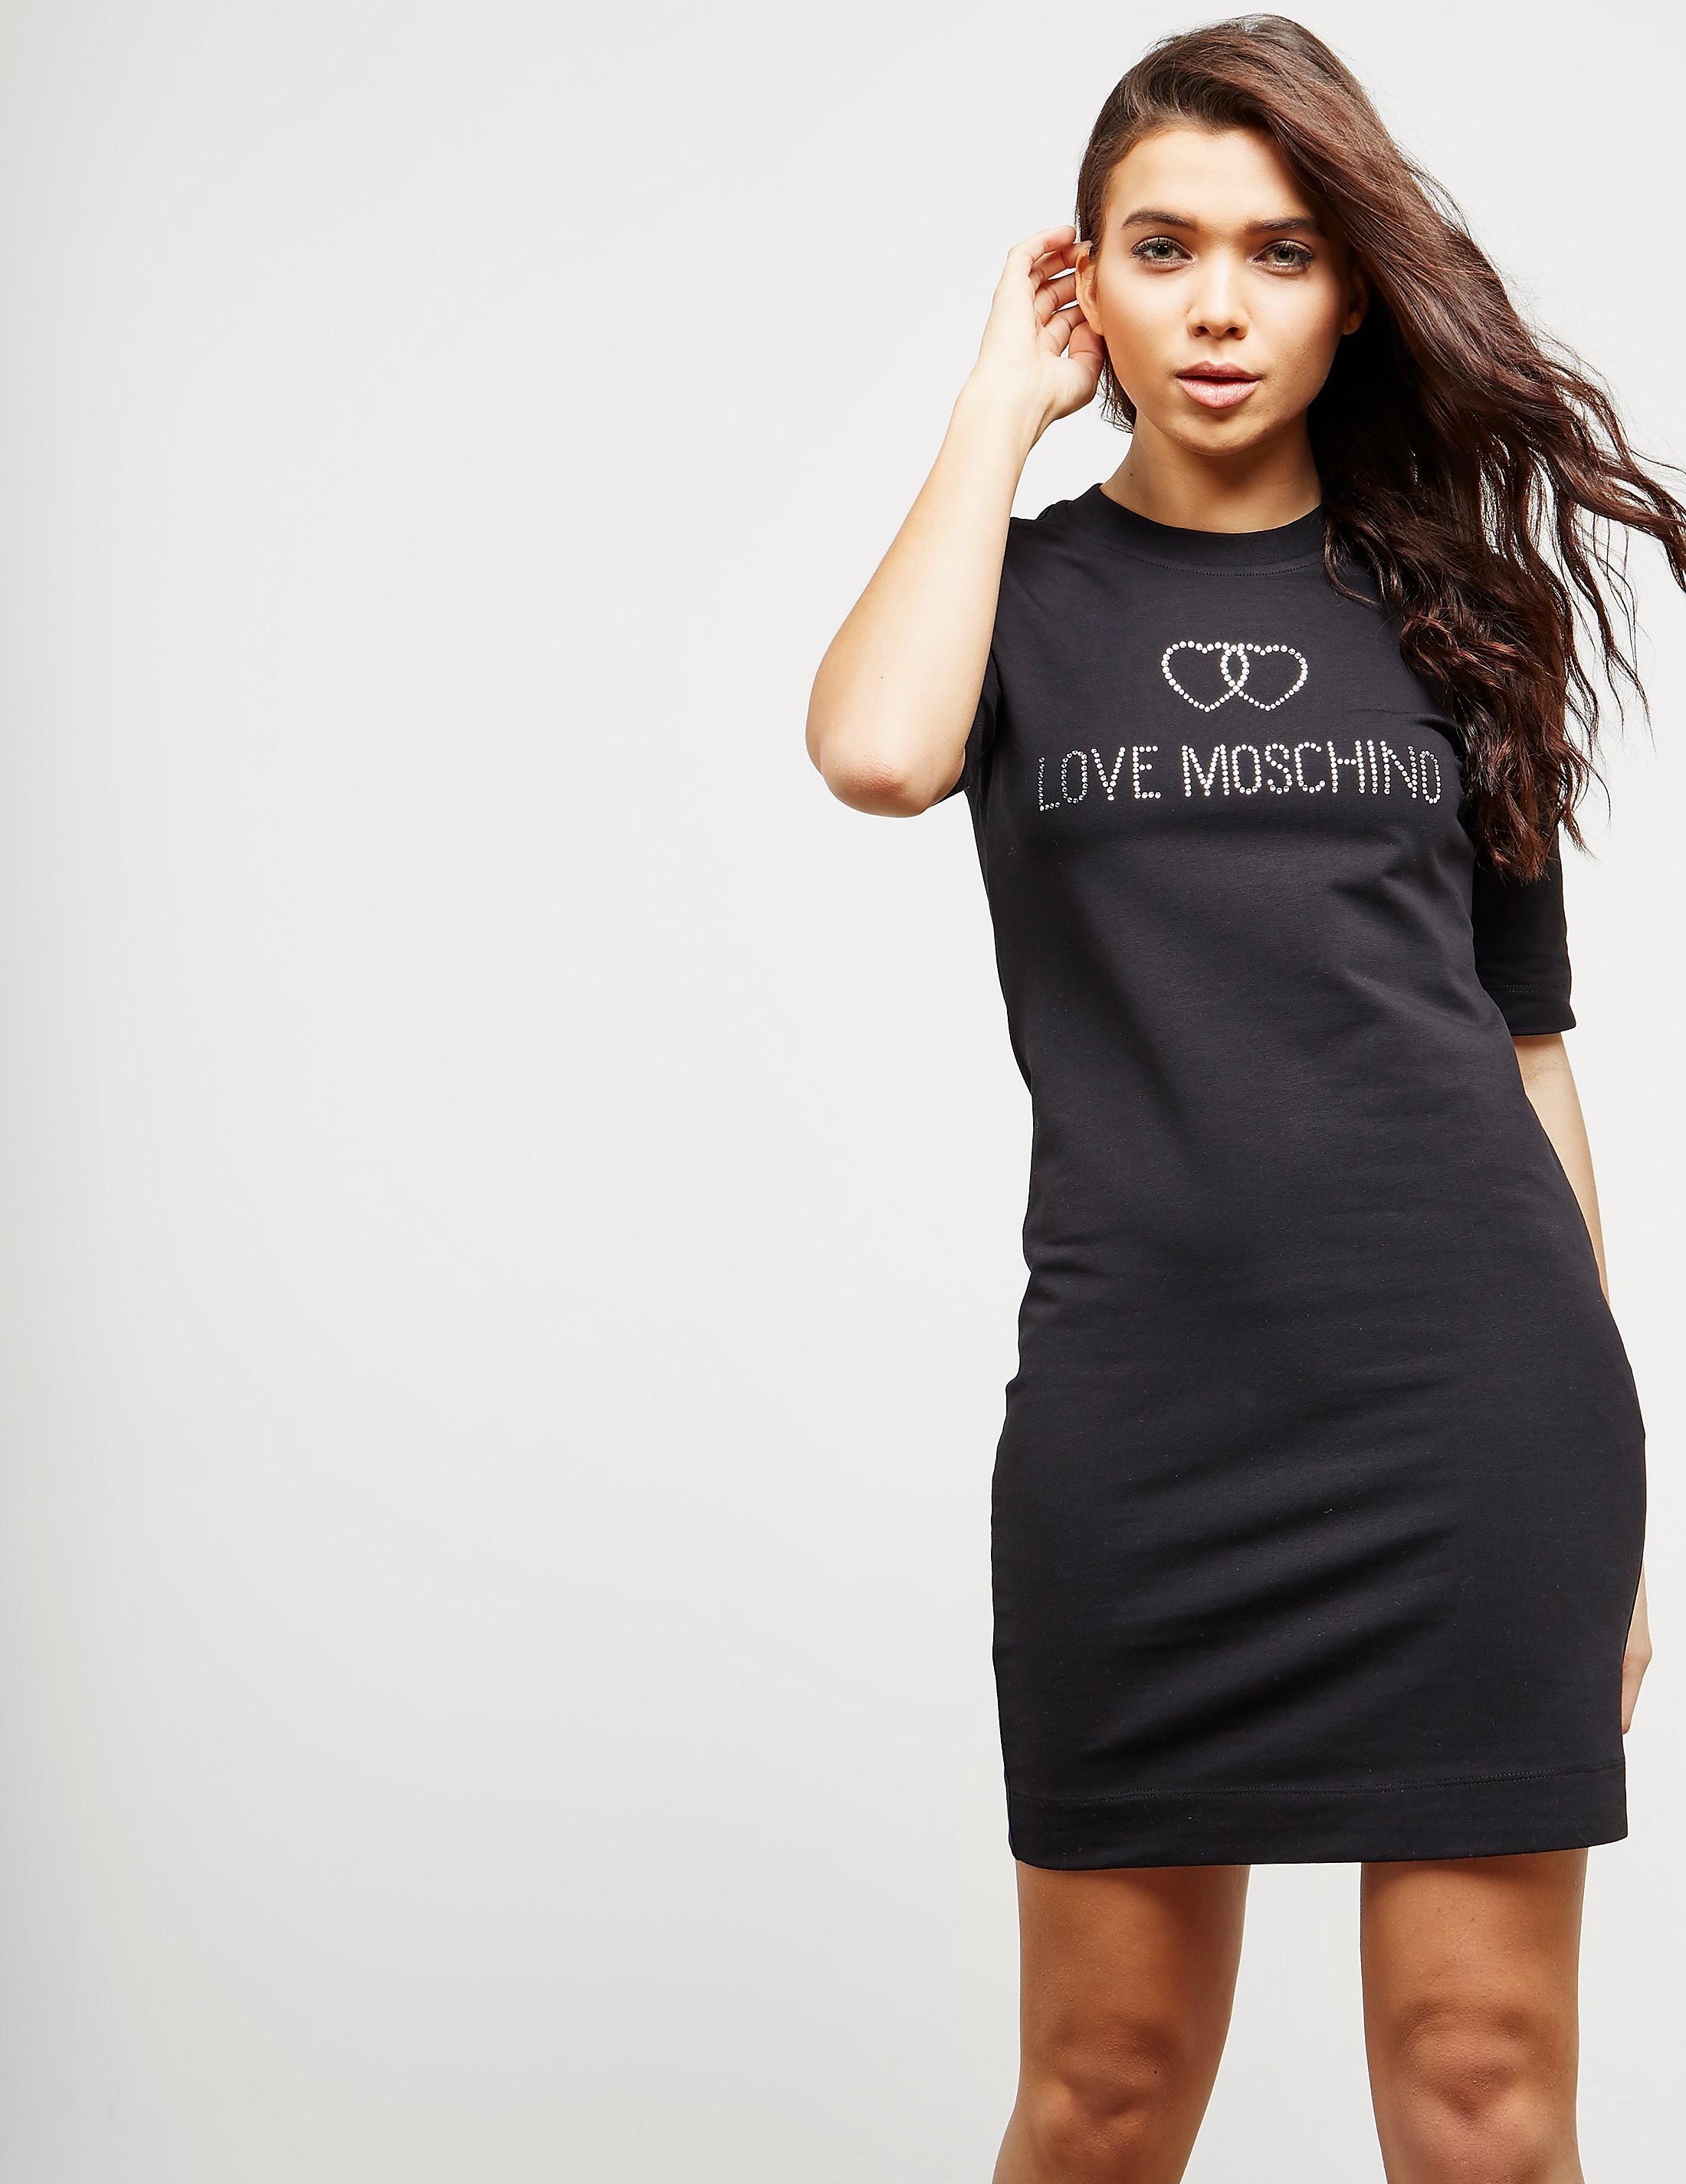 Love Moschino Diamonte Short Sleeve Sweater Dress